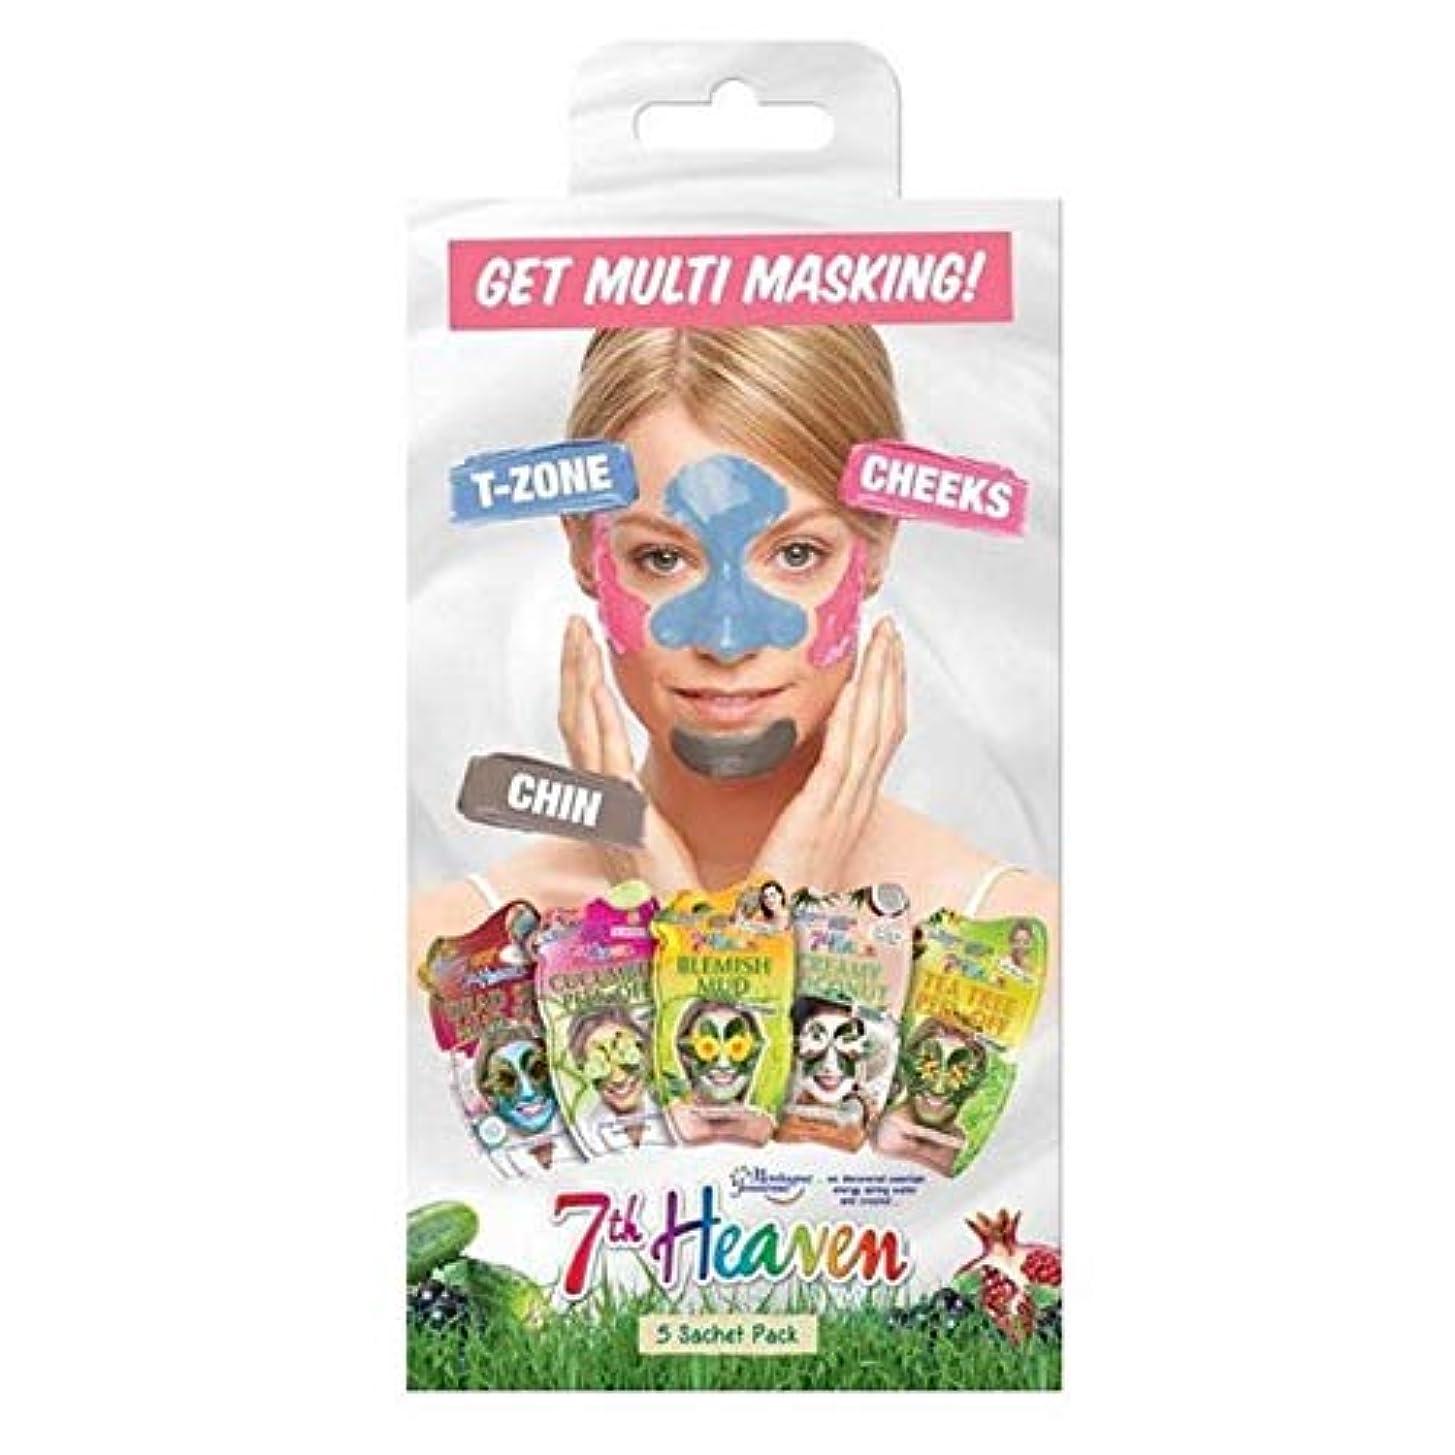 輸送一致踊り子[Montagne Jeunesse] モンターニュジュネス第七天国マルチマスキングマルチパック - Montagne Jeunesse 7th Heaven Multi-Masking Multipack [並行輸入品]